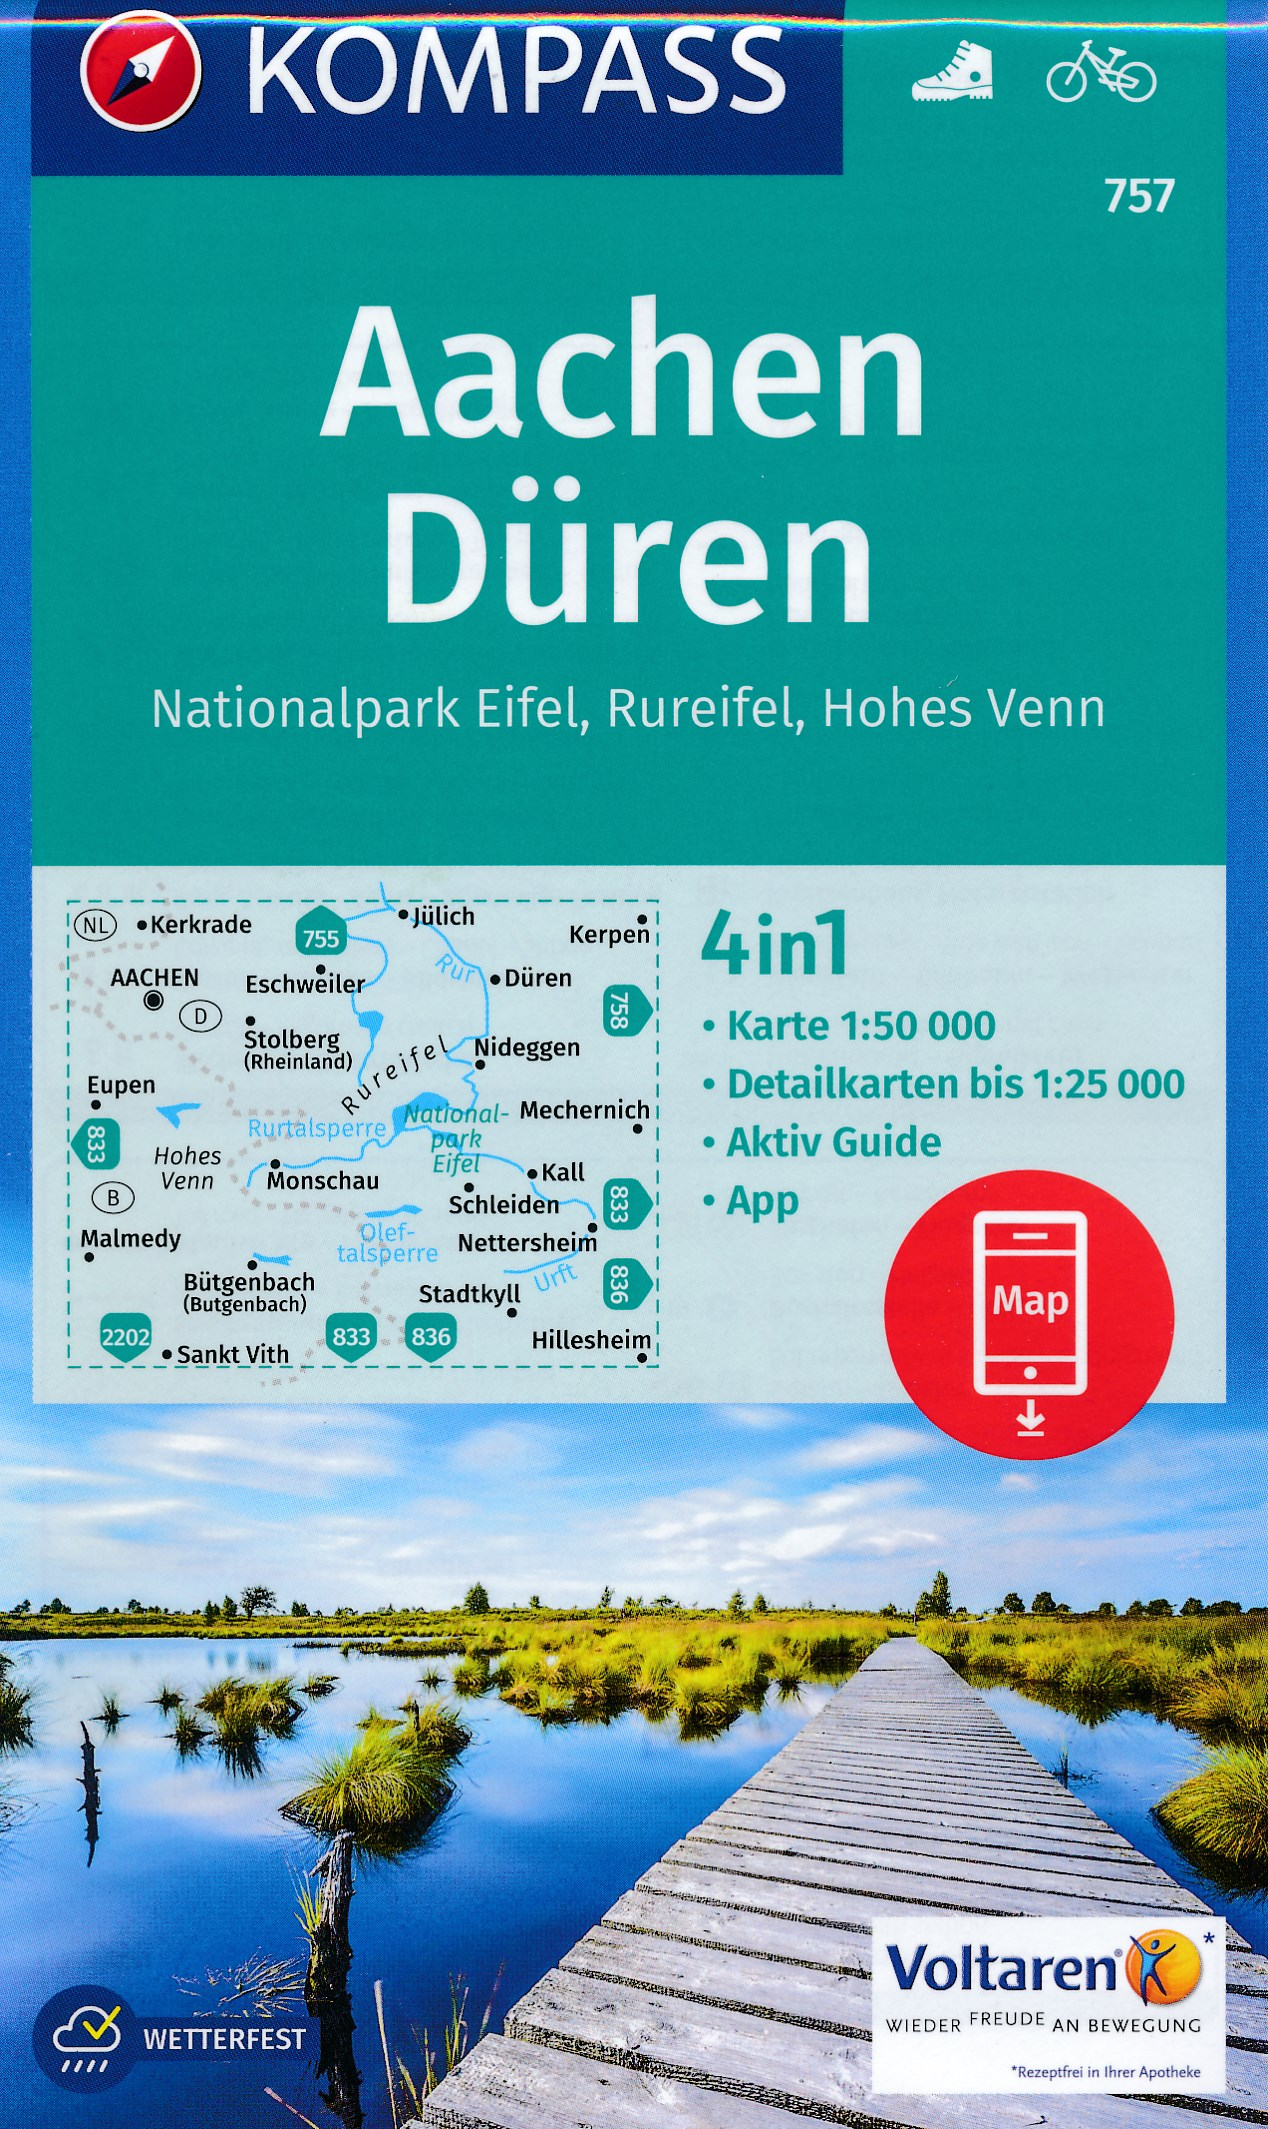 KP-757 Aachen Drielandenpunt | Kompass wandelkaart 9783990442722  Kompass Wandelkaarten Kompass Duitsland  Wandelkaarten Aken, Keulen en Bonn